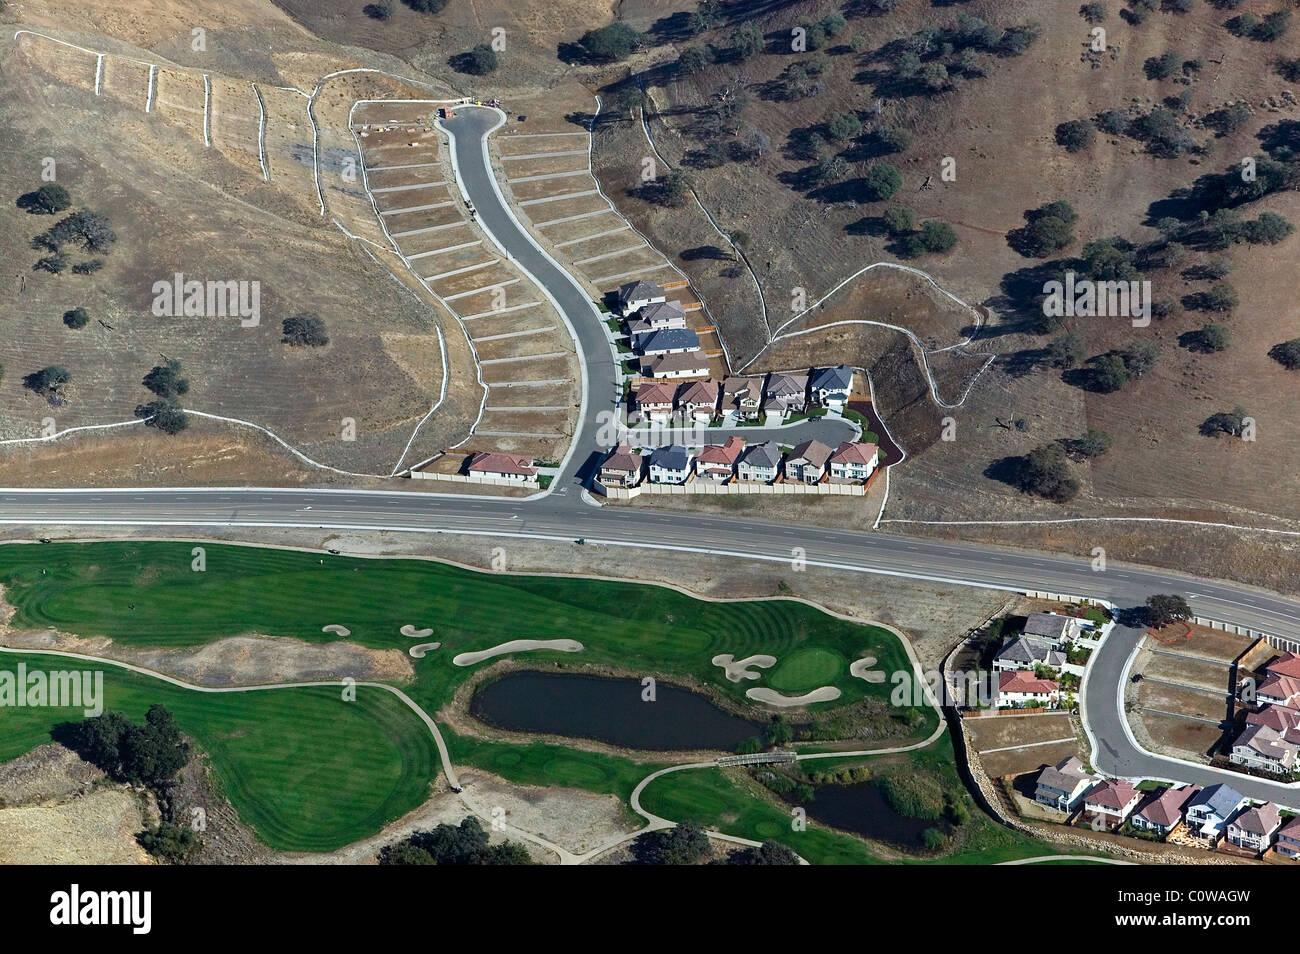 Vista aerea sopra lo sviluppo residenziale occidentale della contea di Alameda California settentrionale Immagini Stock